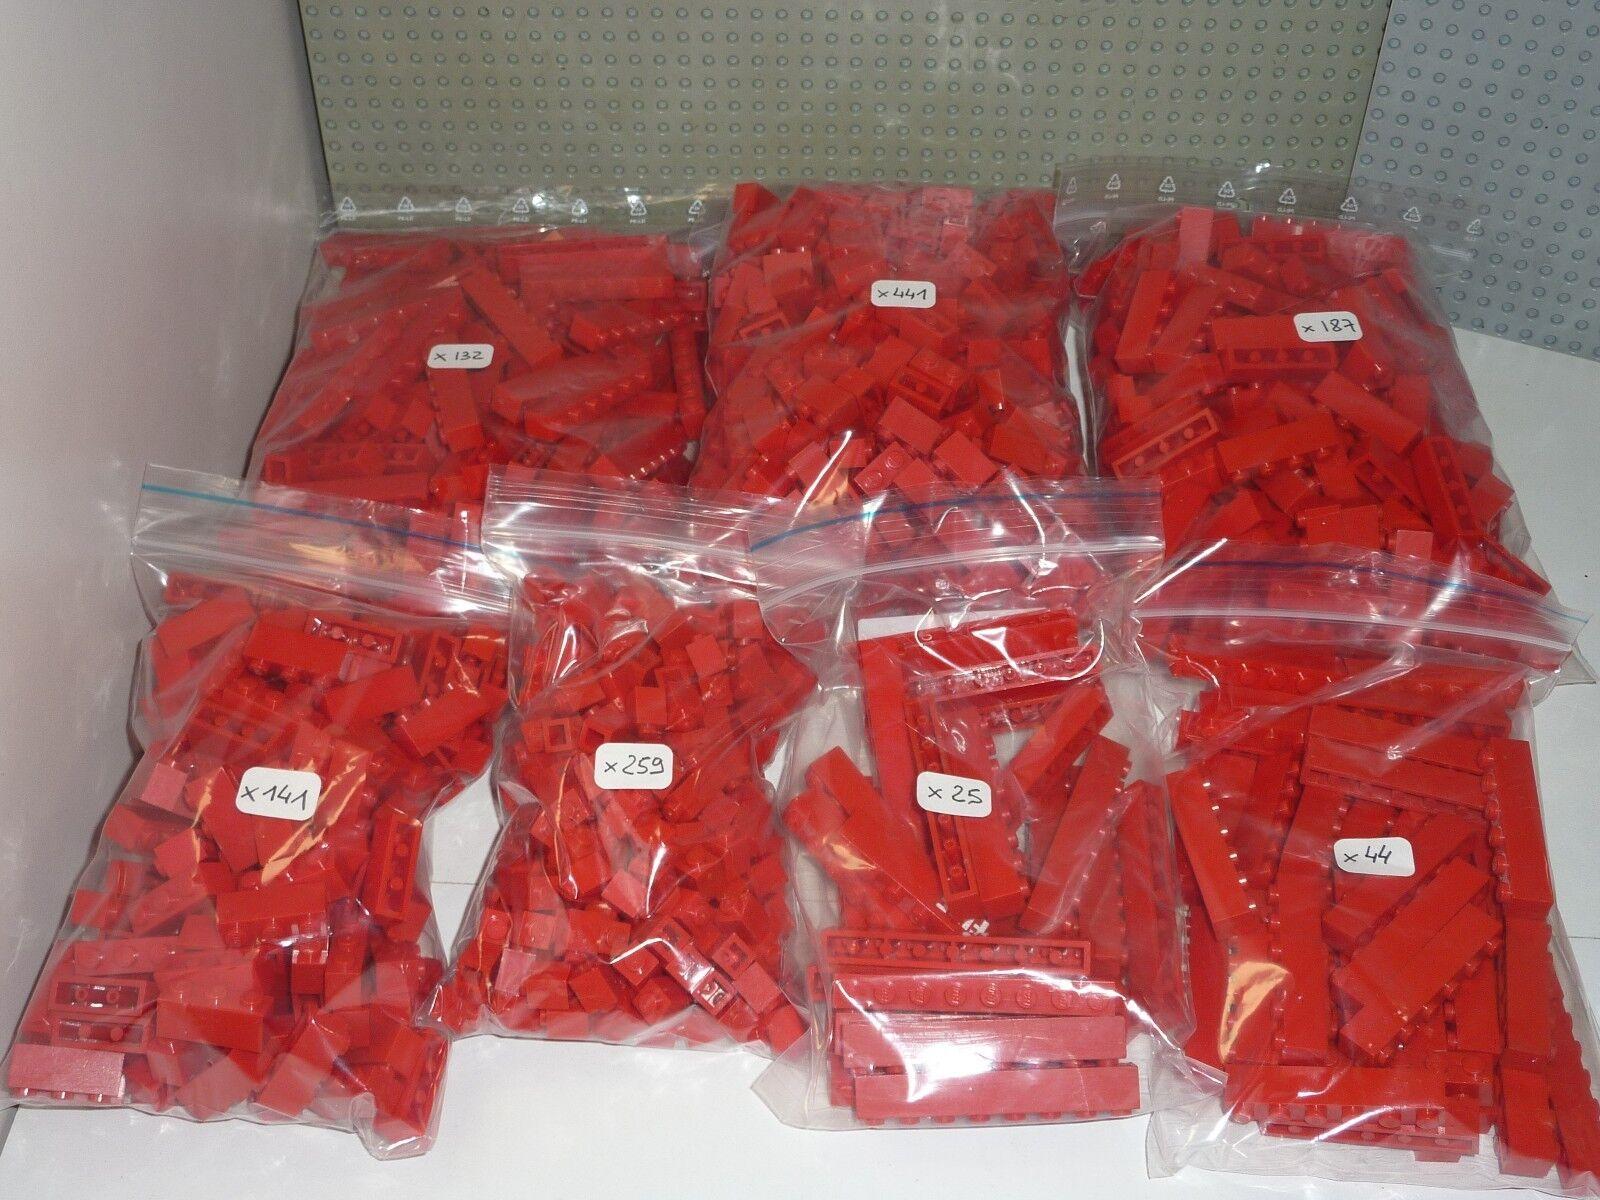 LEGO Gros Lot de 1229 pièces rouge réf. 3005 3004 3010 3009 3622 3008